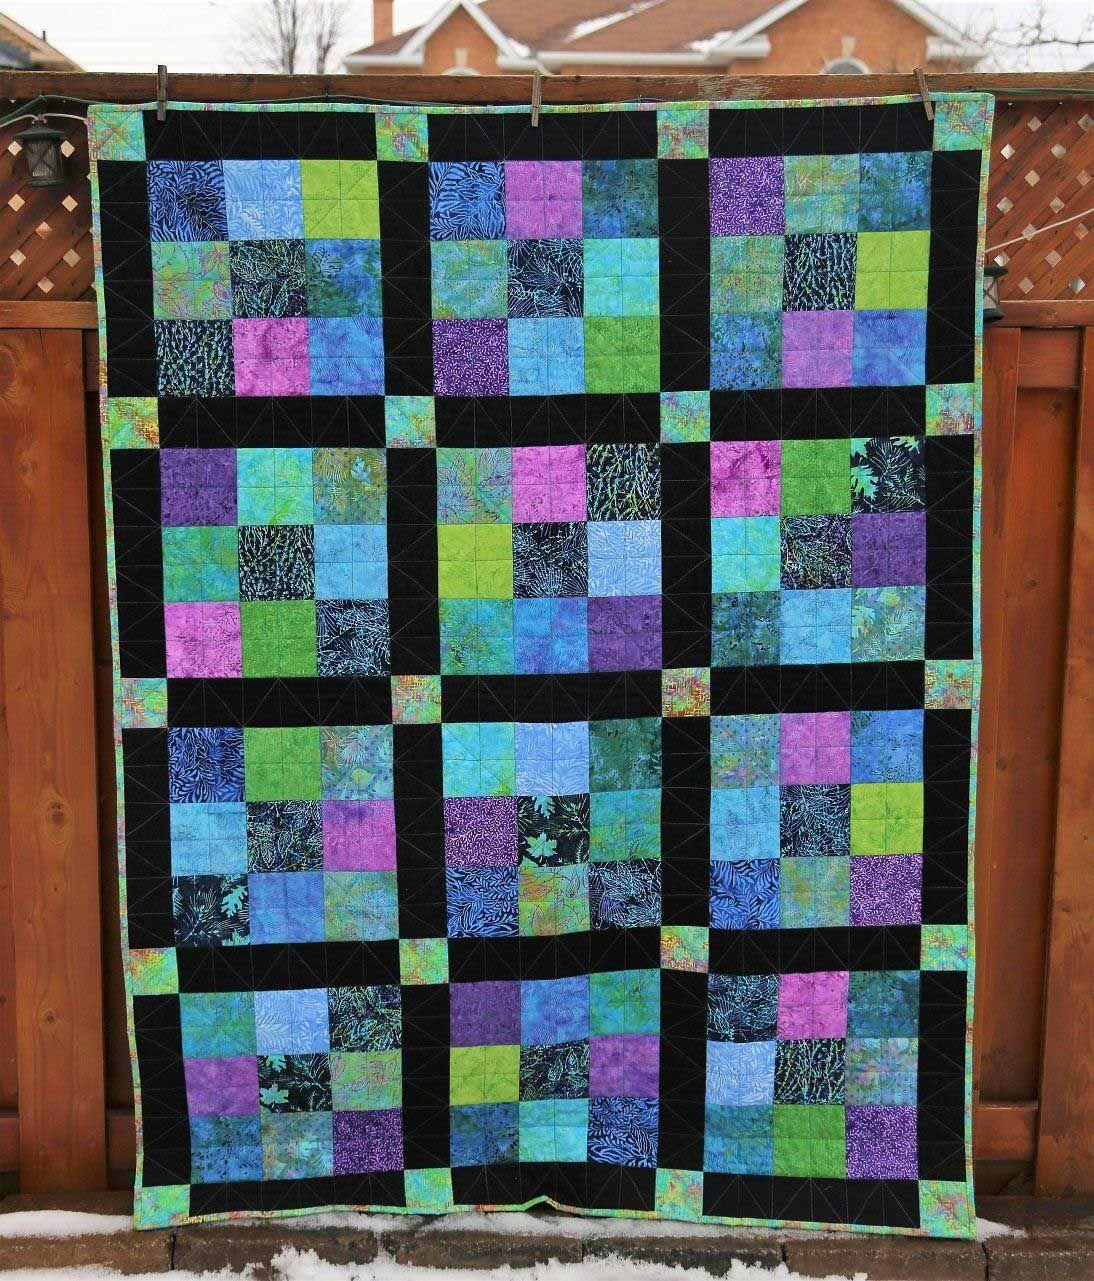 Jewel Tones Batik Quilts Ideas 06 From 14 Inspirational